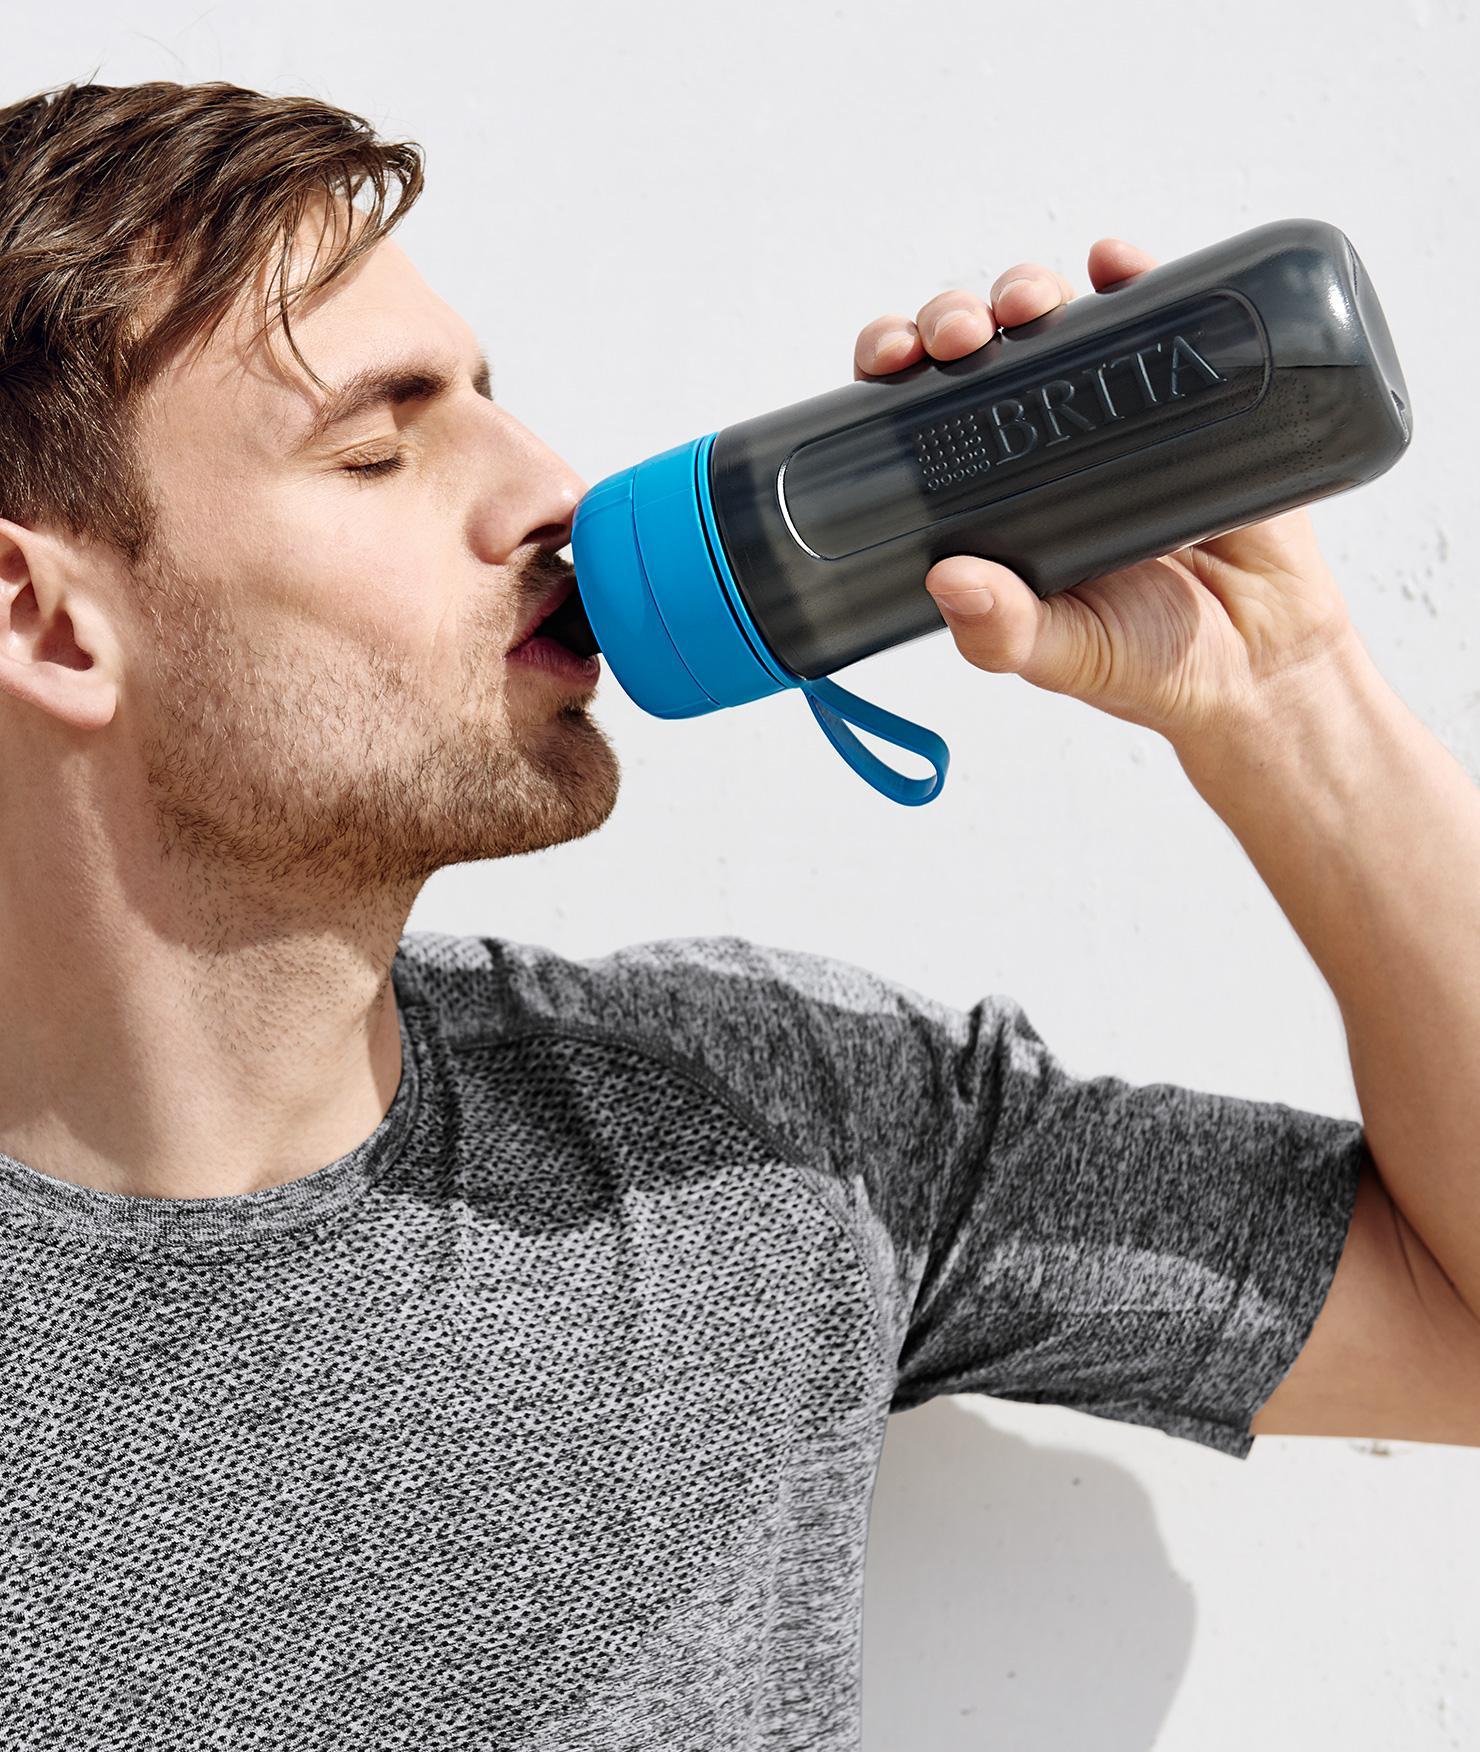 BRITA persönlicher Wasserbedarf Mann trinkt Wasser